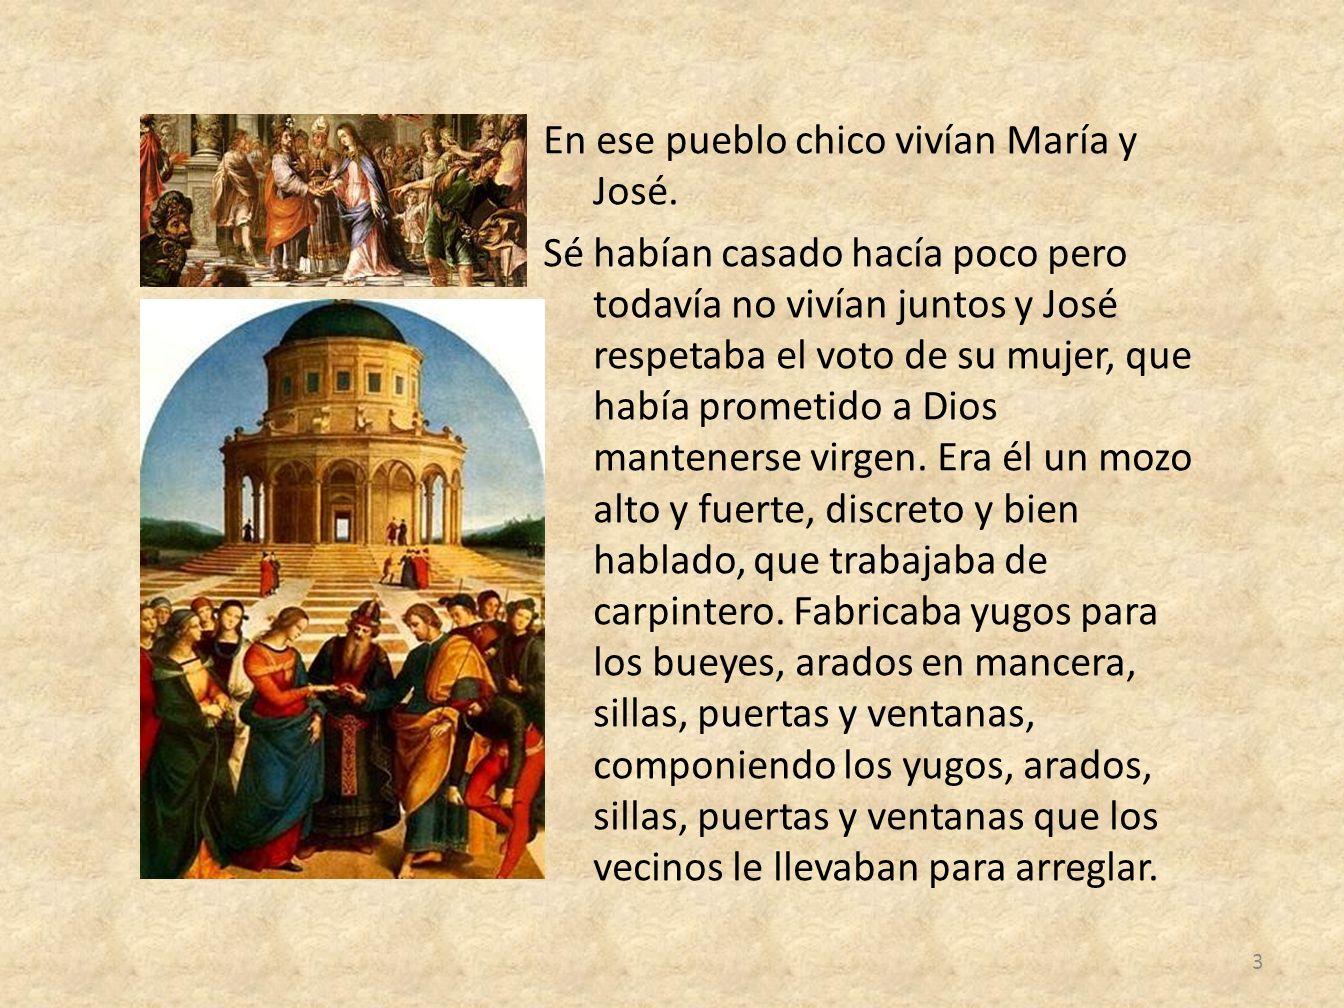 En ese pueblo chico vivían María y José. Sé habían casado hacía poco pero todavía no vivían juntos y José respetaba el voto de su mujer, que había pro